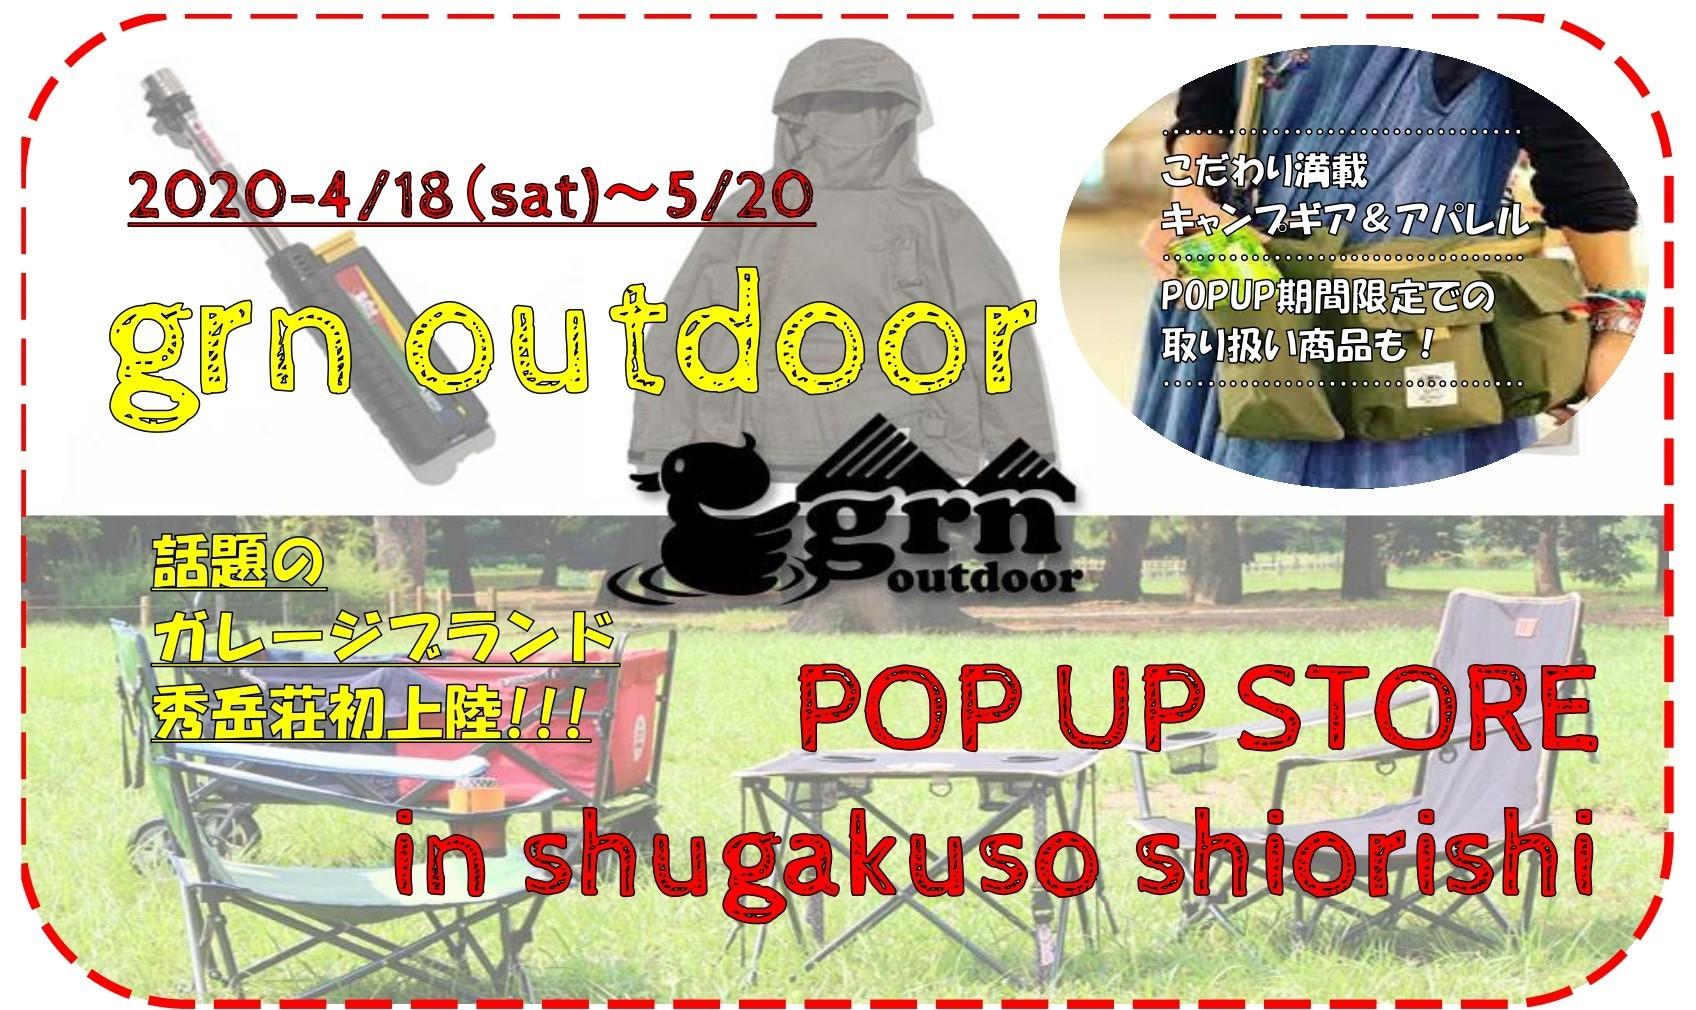 「grn outdoor」POPUP STORE in SHUGAKUSO SHIROISHI_d0198793_15584758.jpg